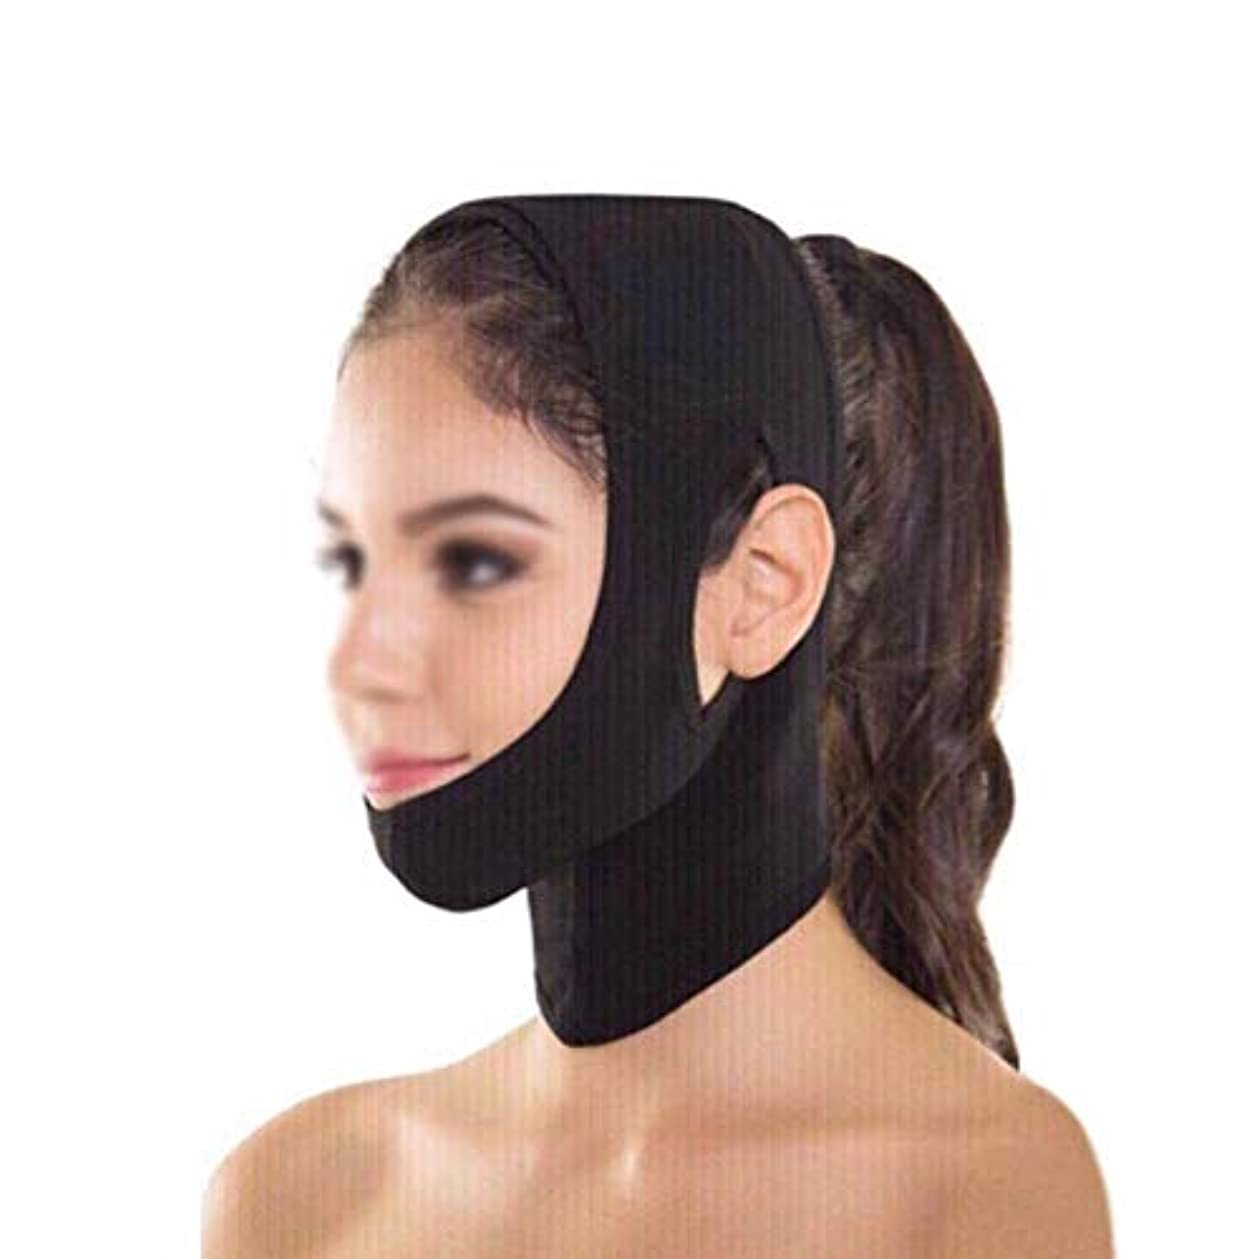 レーニン主義役員締めるフェイスリフティングバンデージ、フェイスリフティングマスク、顔面の首と首を持ち上げる、顔を持ち上げて二重あごを減らす(フリーサイズ)(カラー:カーキ色),ブラック